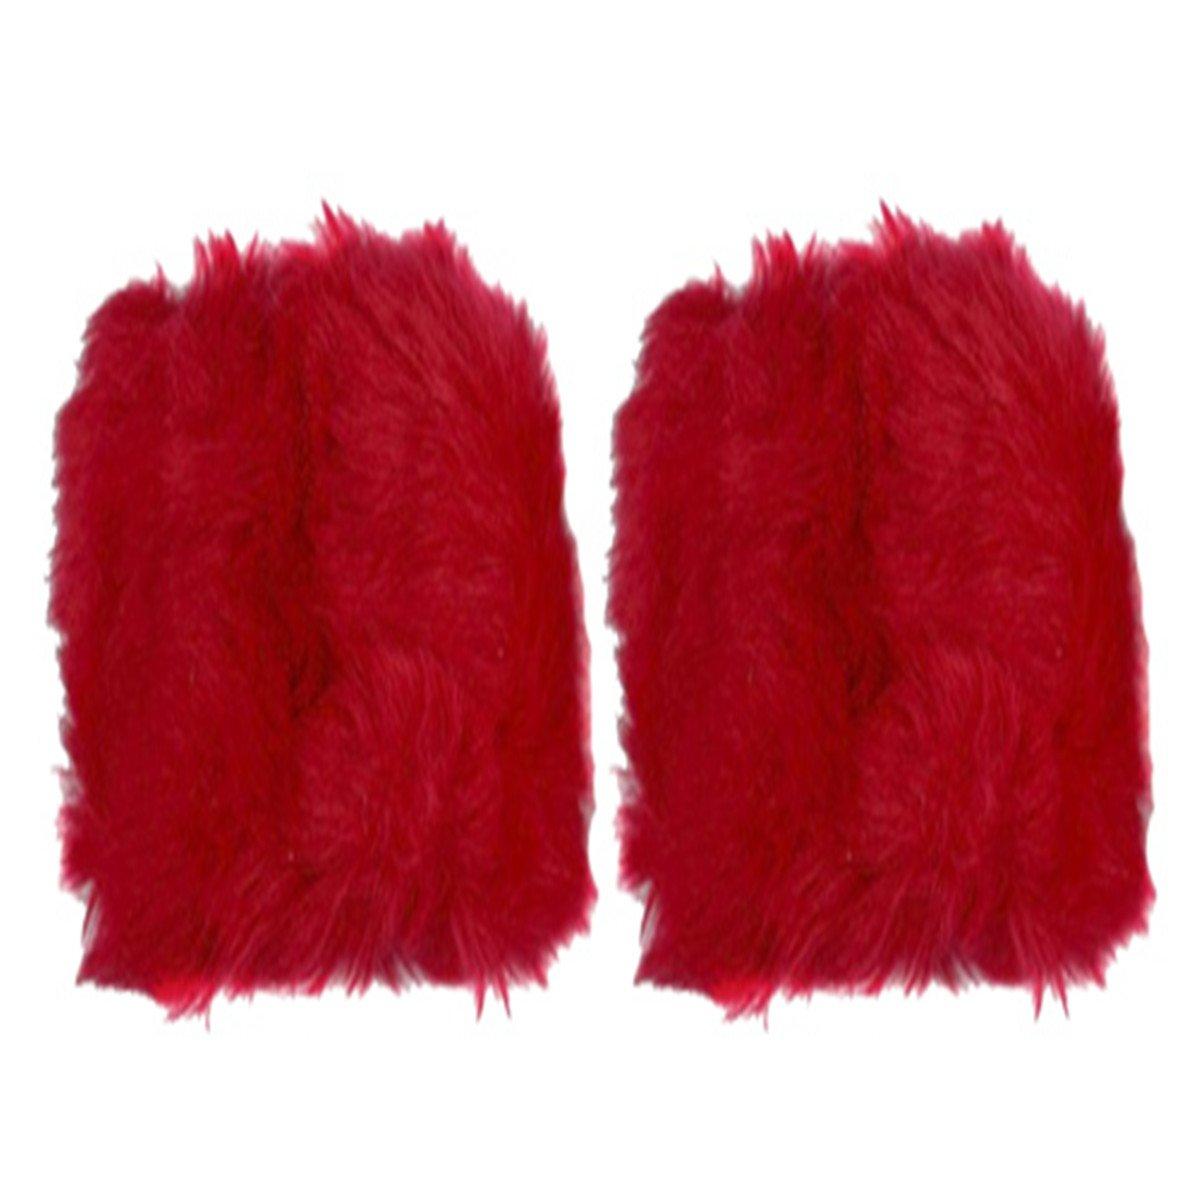 Posher TM FL6 Womens Winter Faux Fur Wrist Band Short Wrist Cuff Warmers